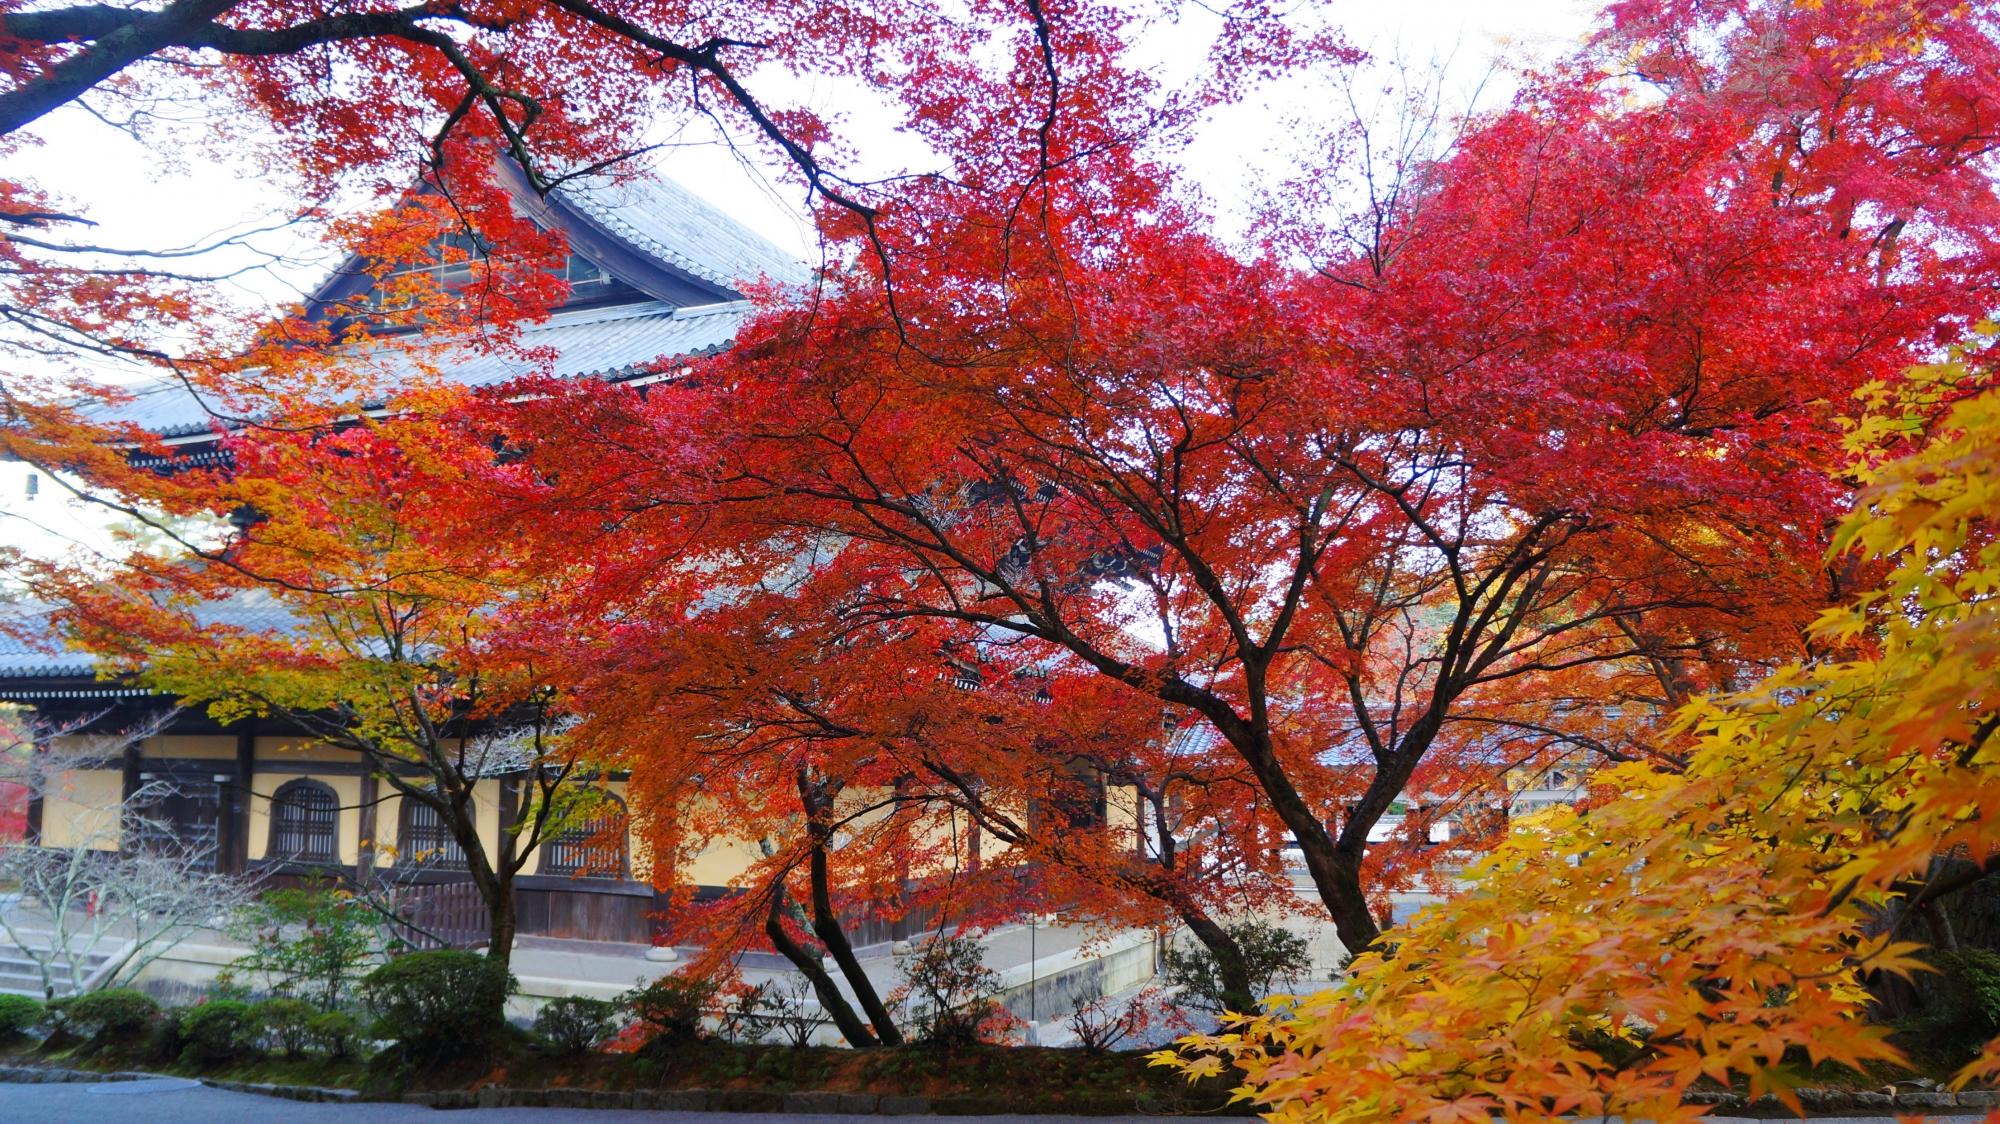 圧倒的な紅葉につつまれる法堂